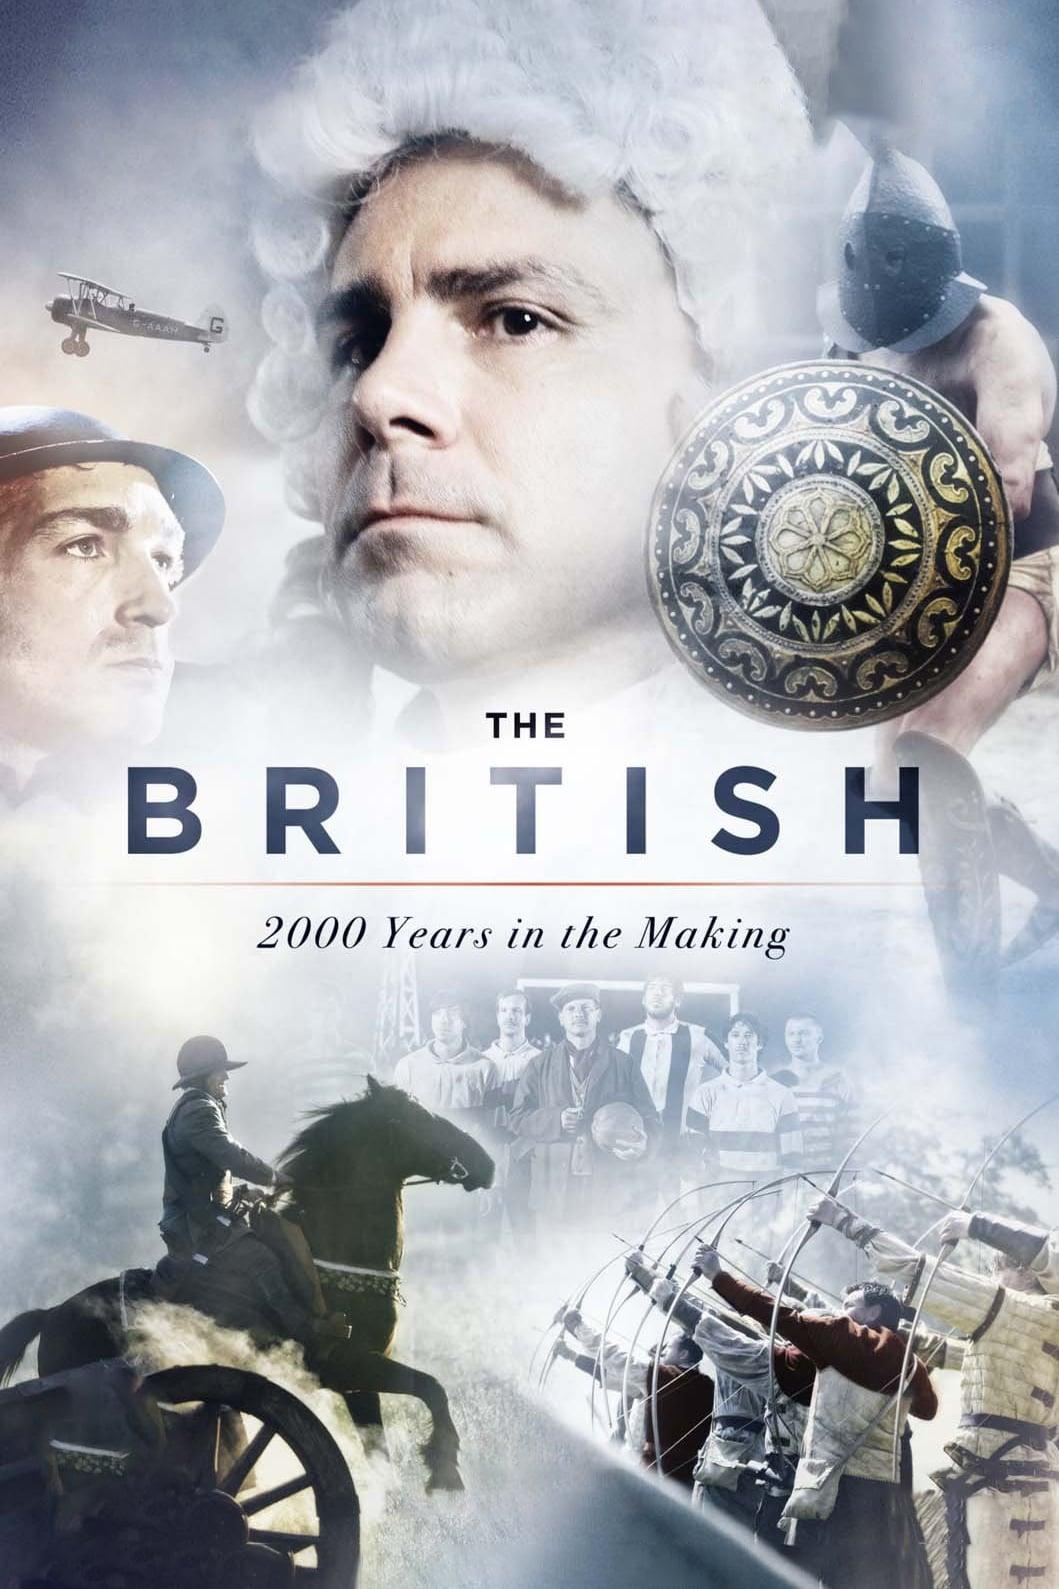 The British